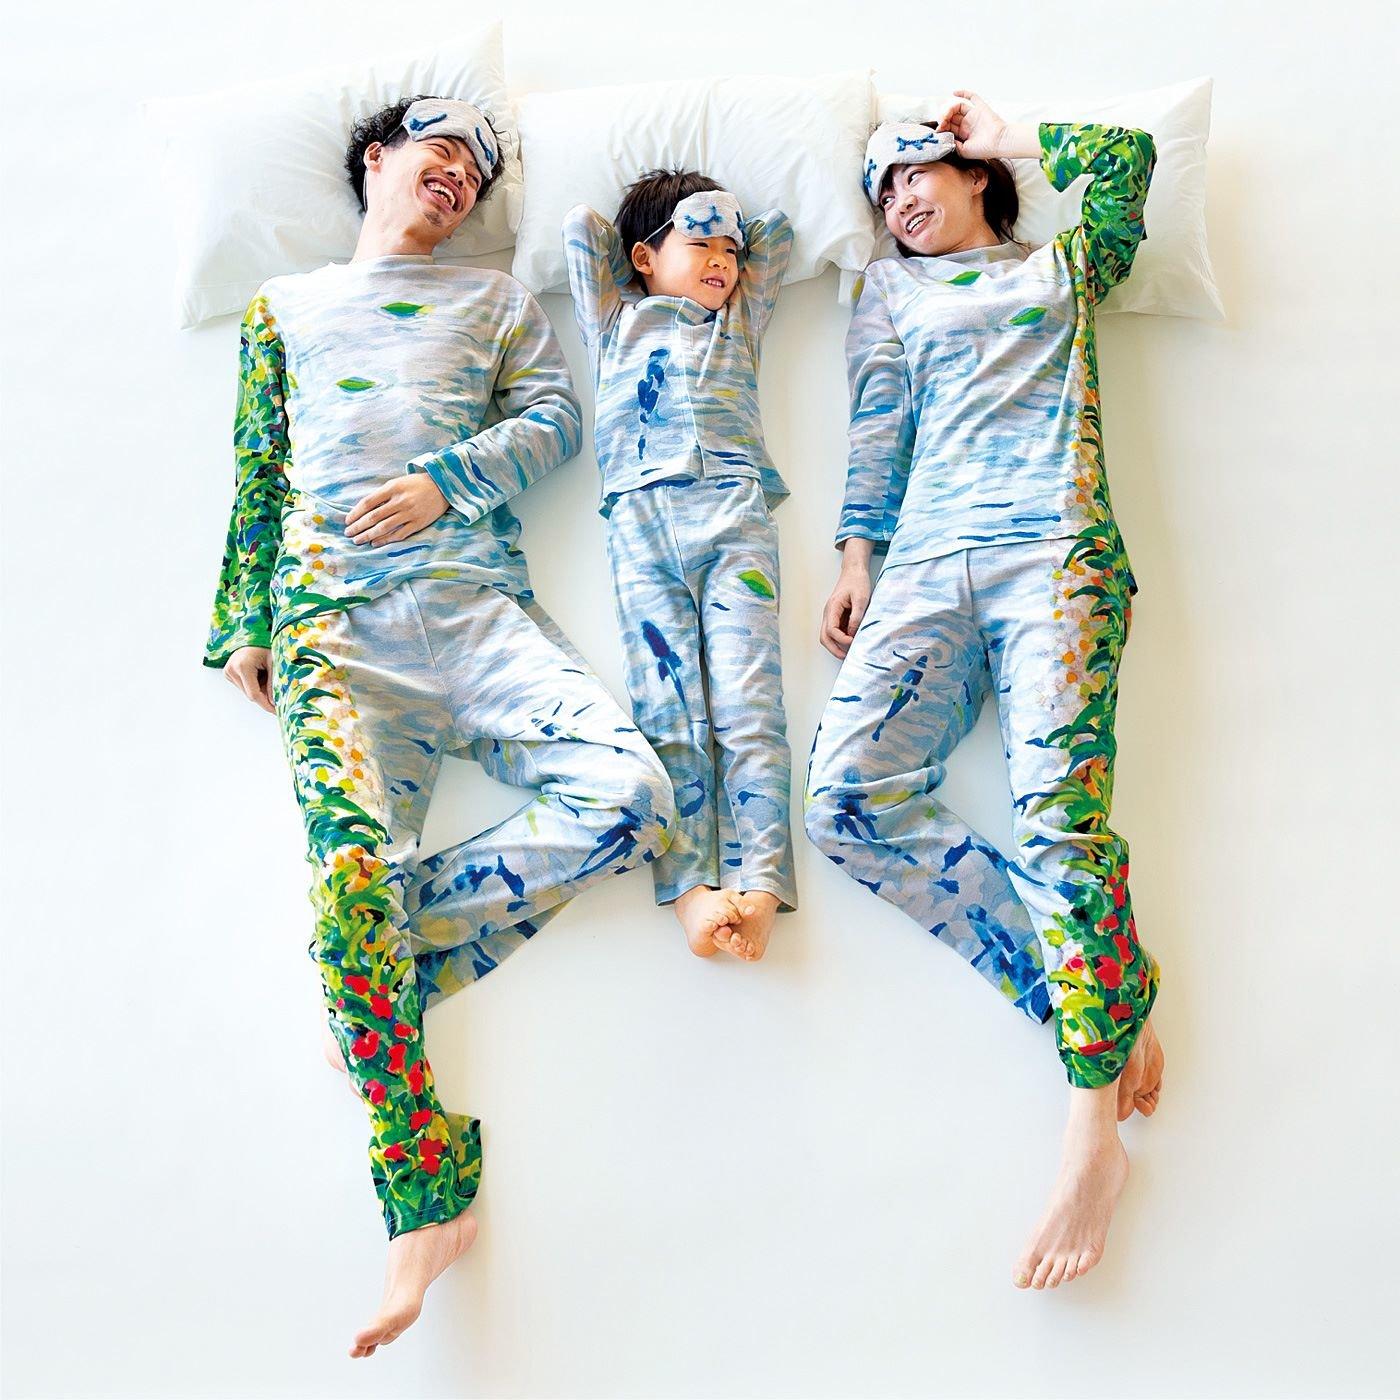 YOU+MORE! 親子でほのぼの 川の字パジャマ〈メンズ〉